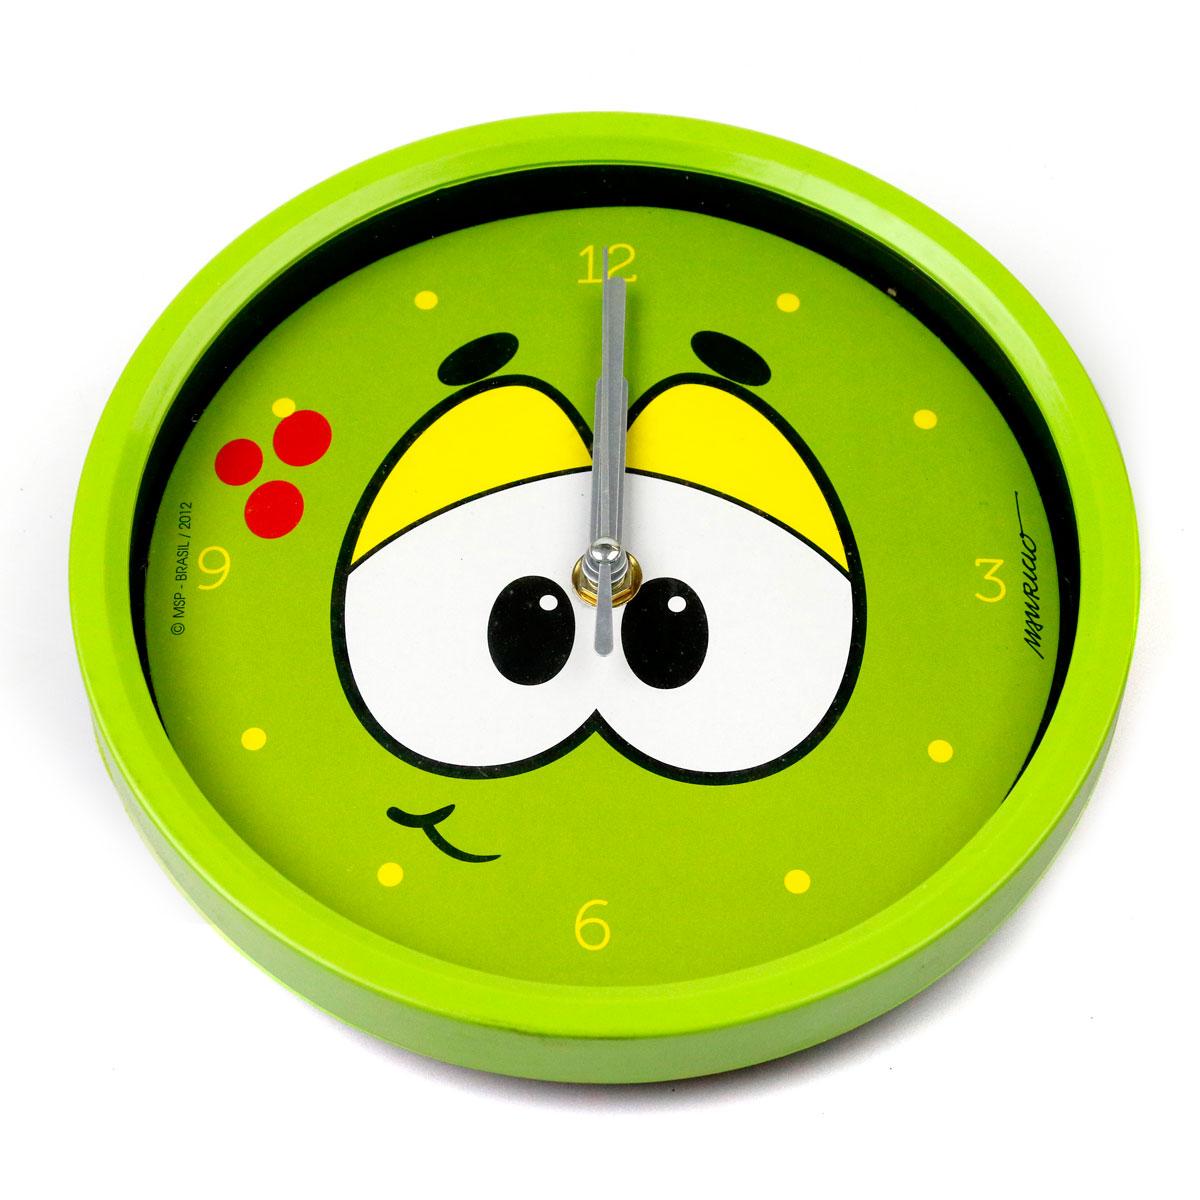 Relógio de Parede Turma da Mônica Cool Olhões Horácio